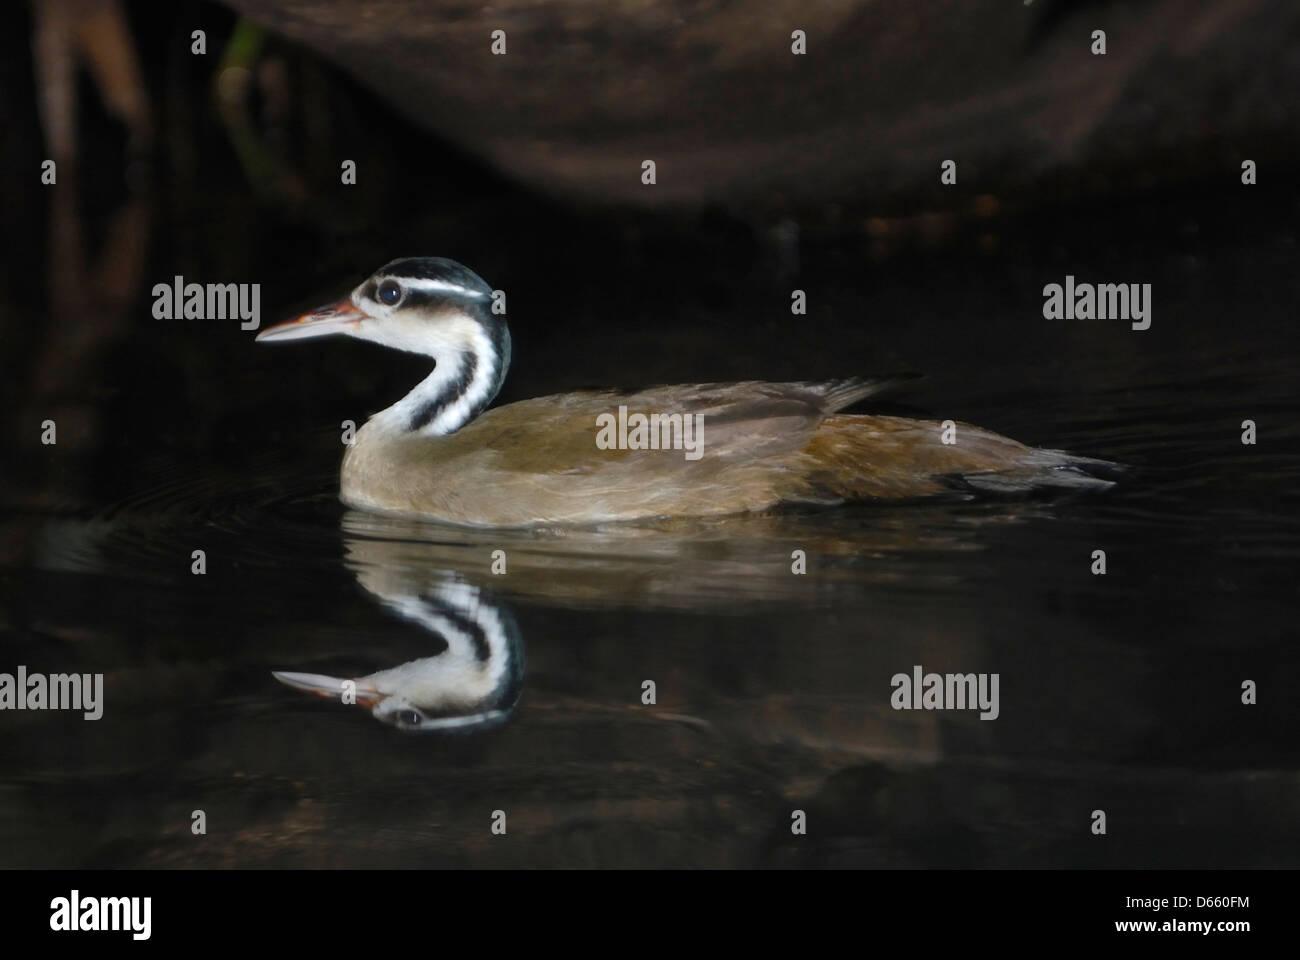 Sungrebe (Heliornis fulica) in Tortuguero National Park, Costa Rica. - Stock Image